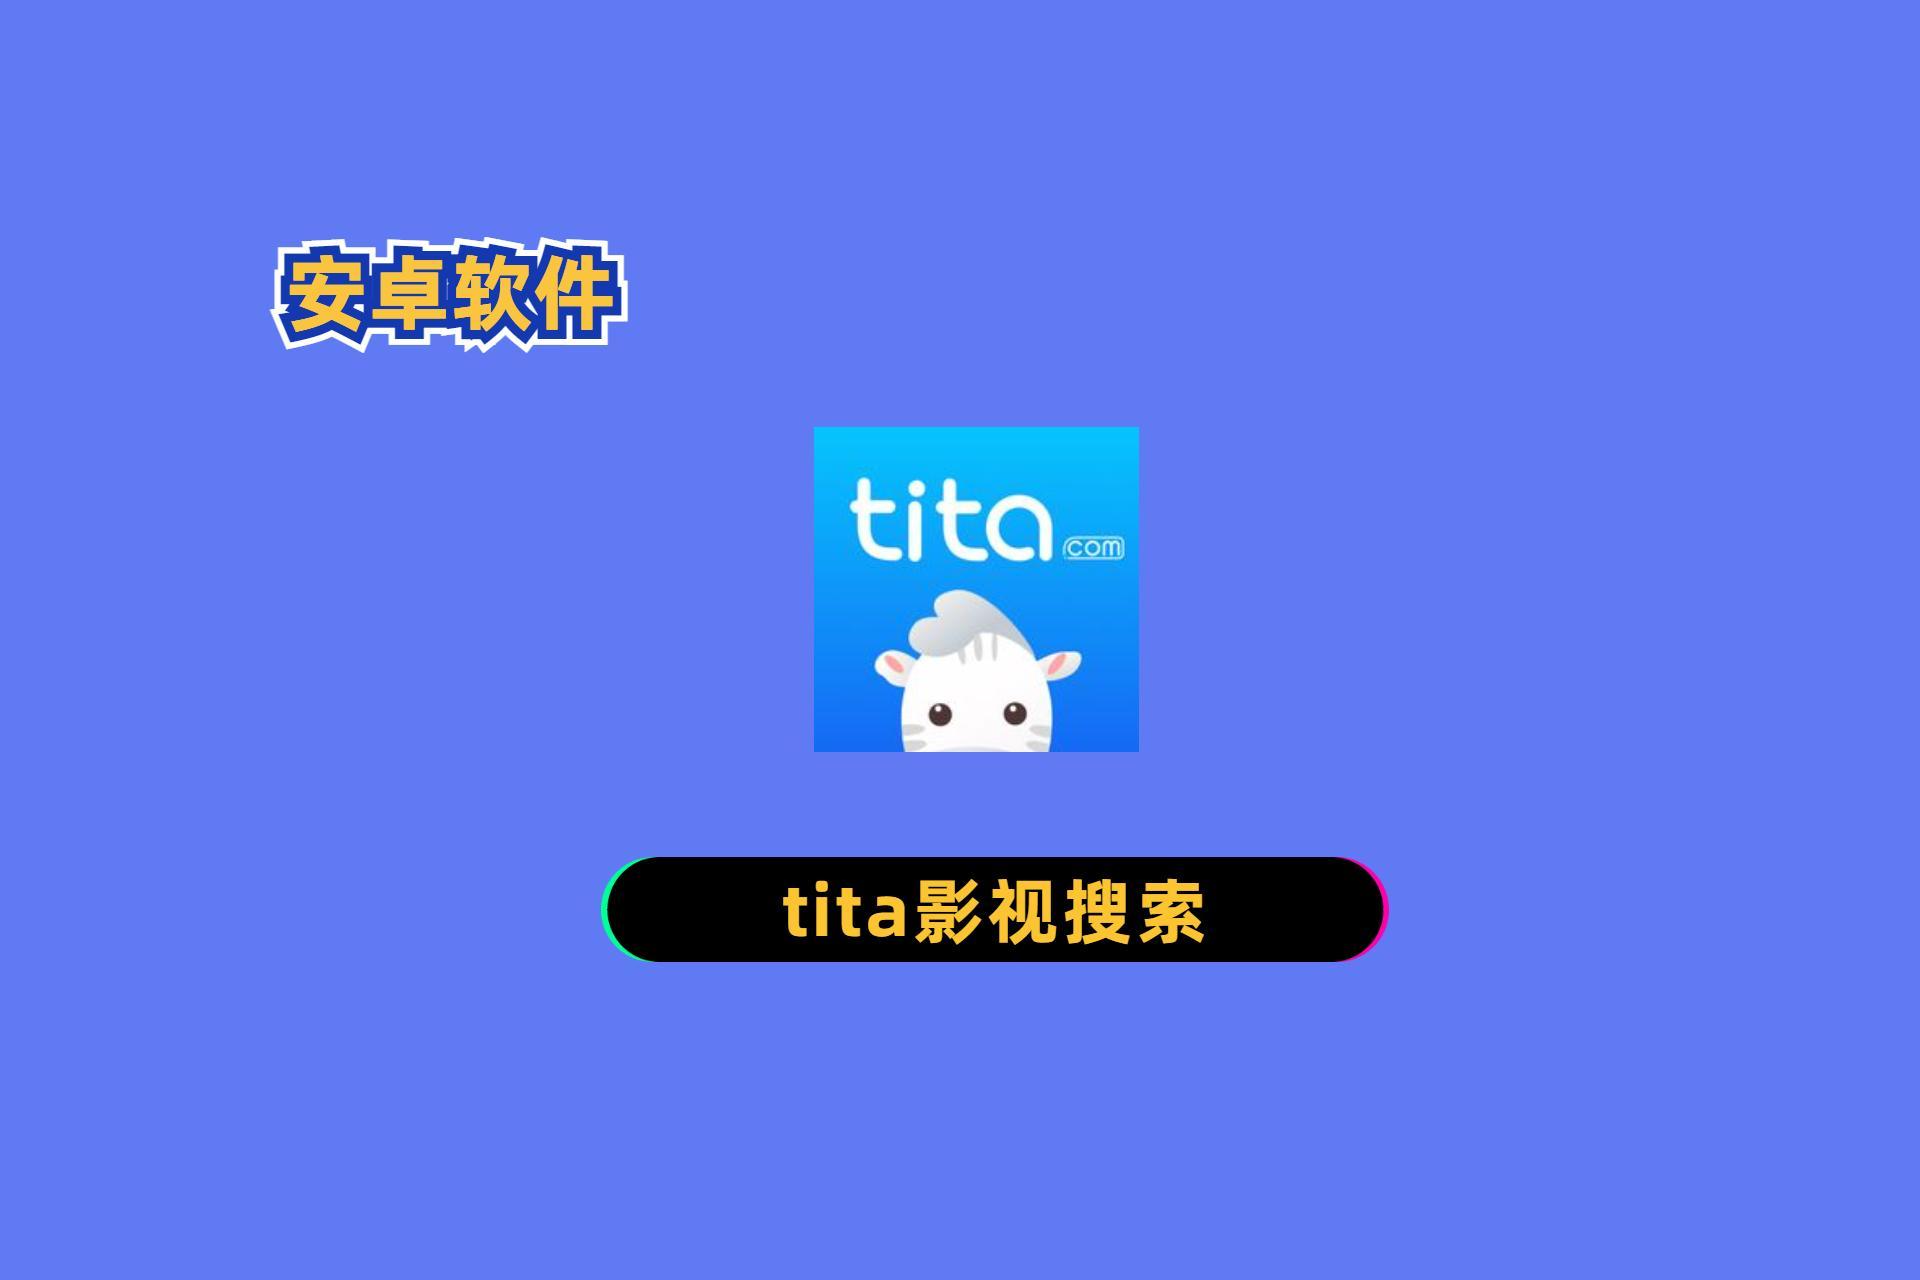 一款包含30多个资源站的超级影视软件:tita